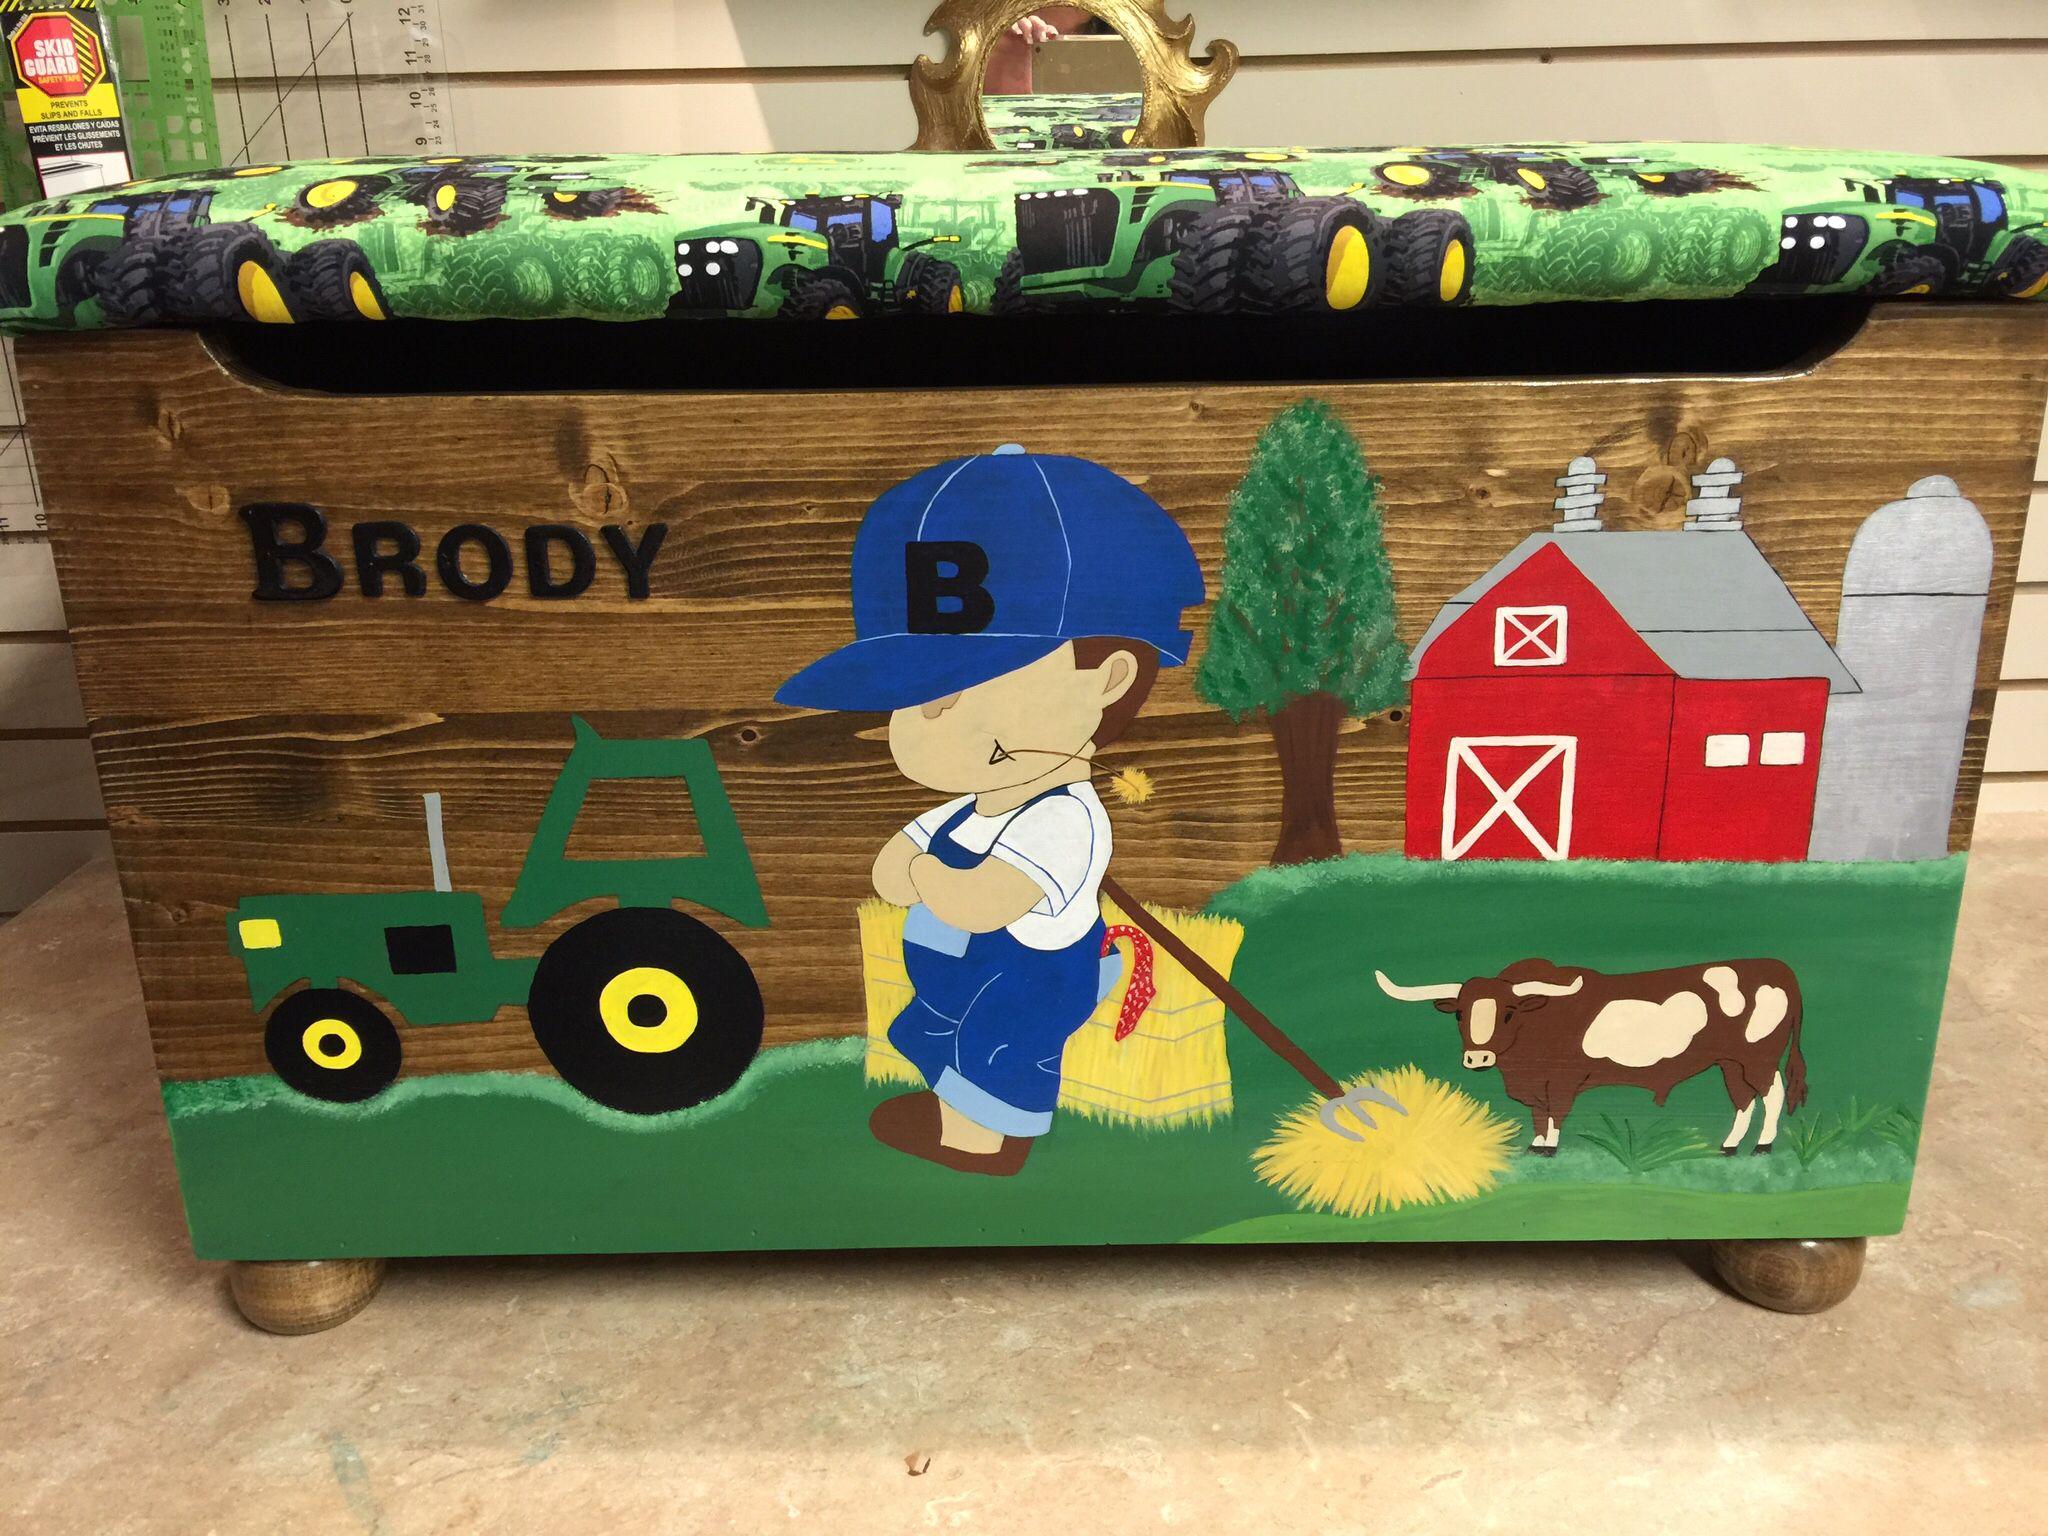 Brodys farm boy toy box boys toy box